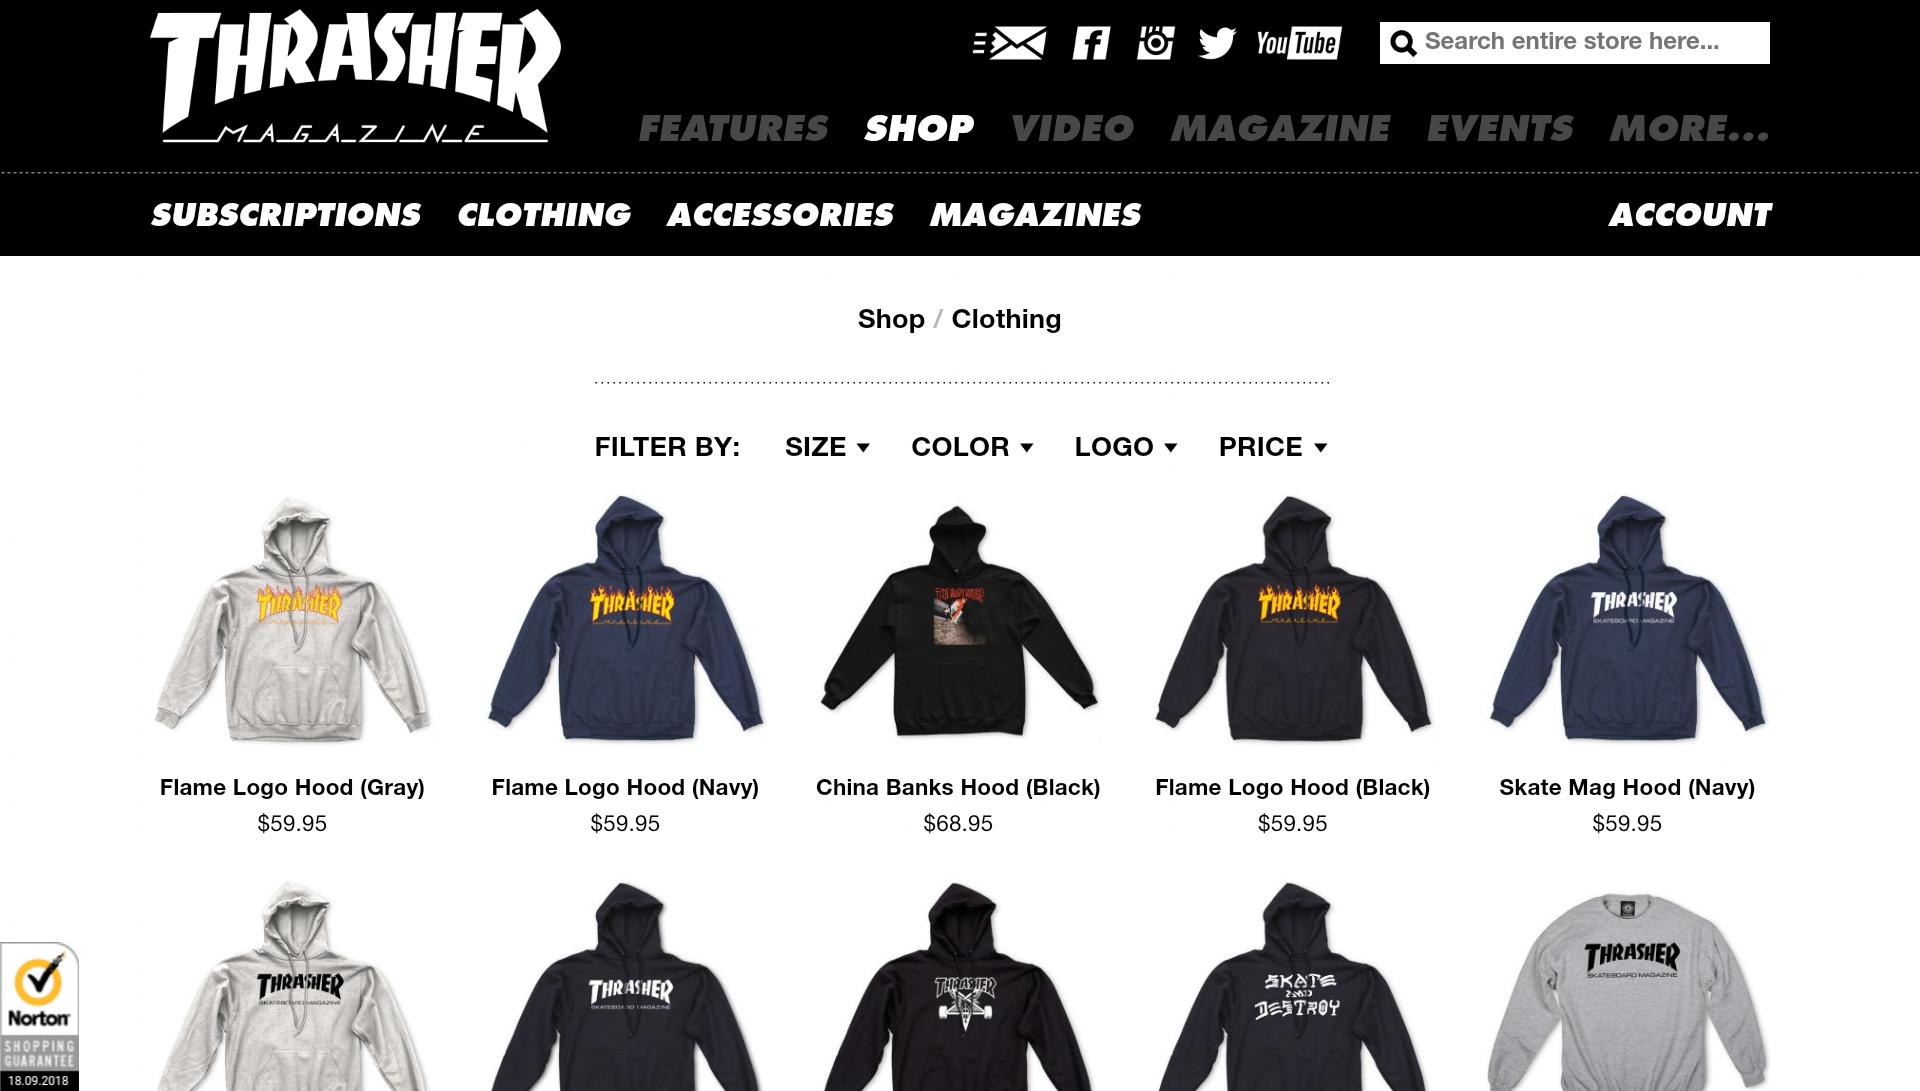 6d9fa7a18 ... скейтбордистов превратился в настоящую линию одежды, где абсолютно  любой человек может заказать то, что ему по вкусу. Печатное издание  существует до сих ...